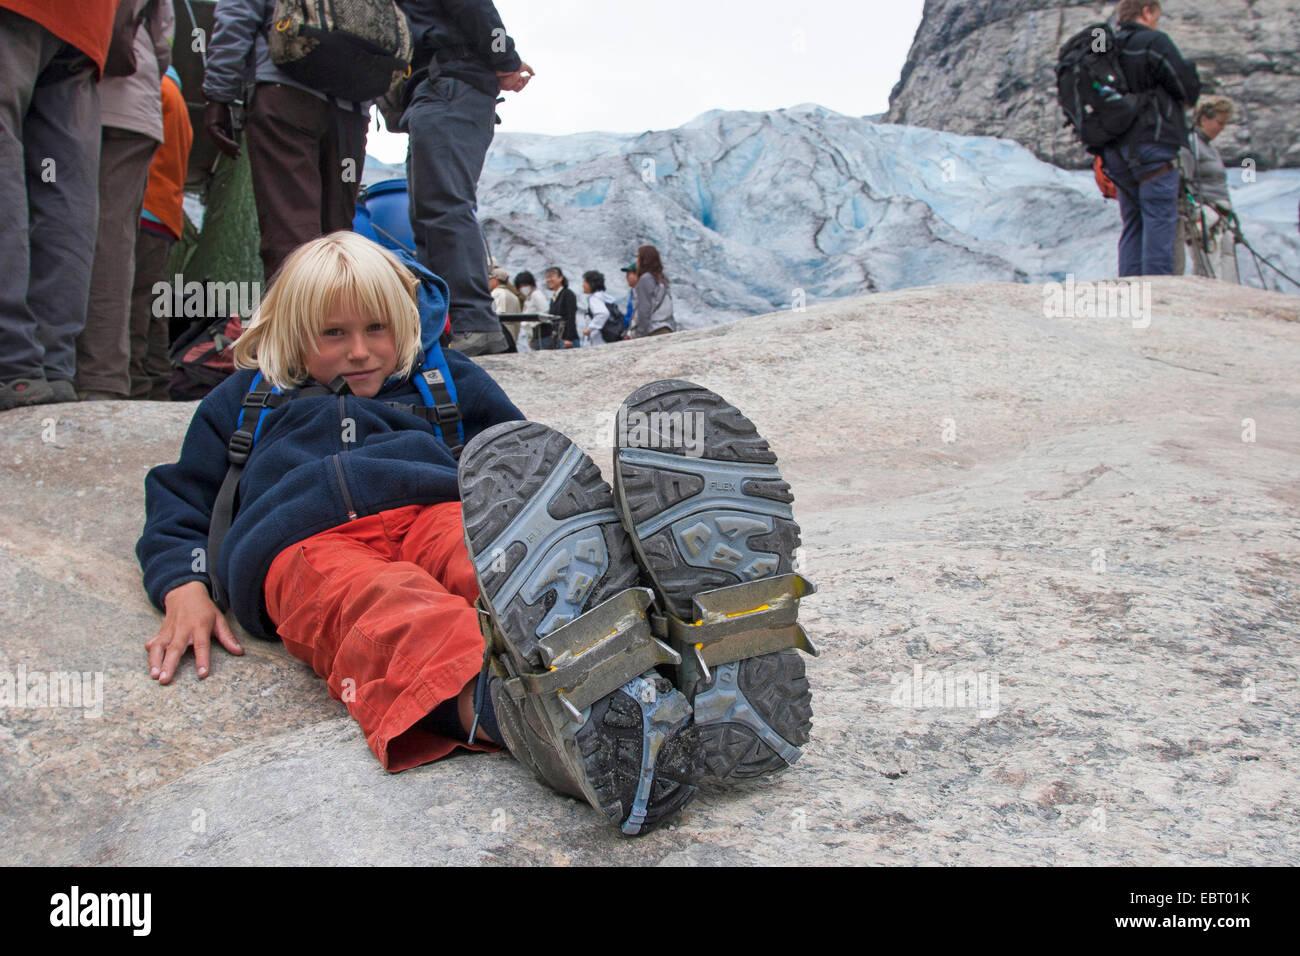 Crampons glace garçon applyed glacier pour voyager, la Norvège, le Parc National de Jostedalsbreen Photo Stock